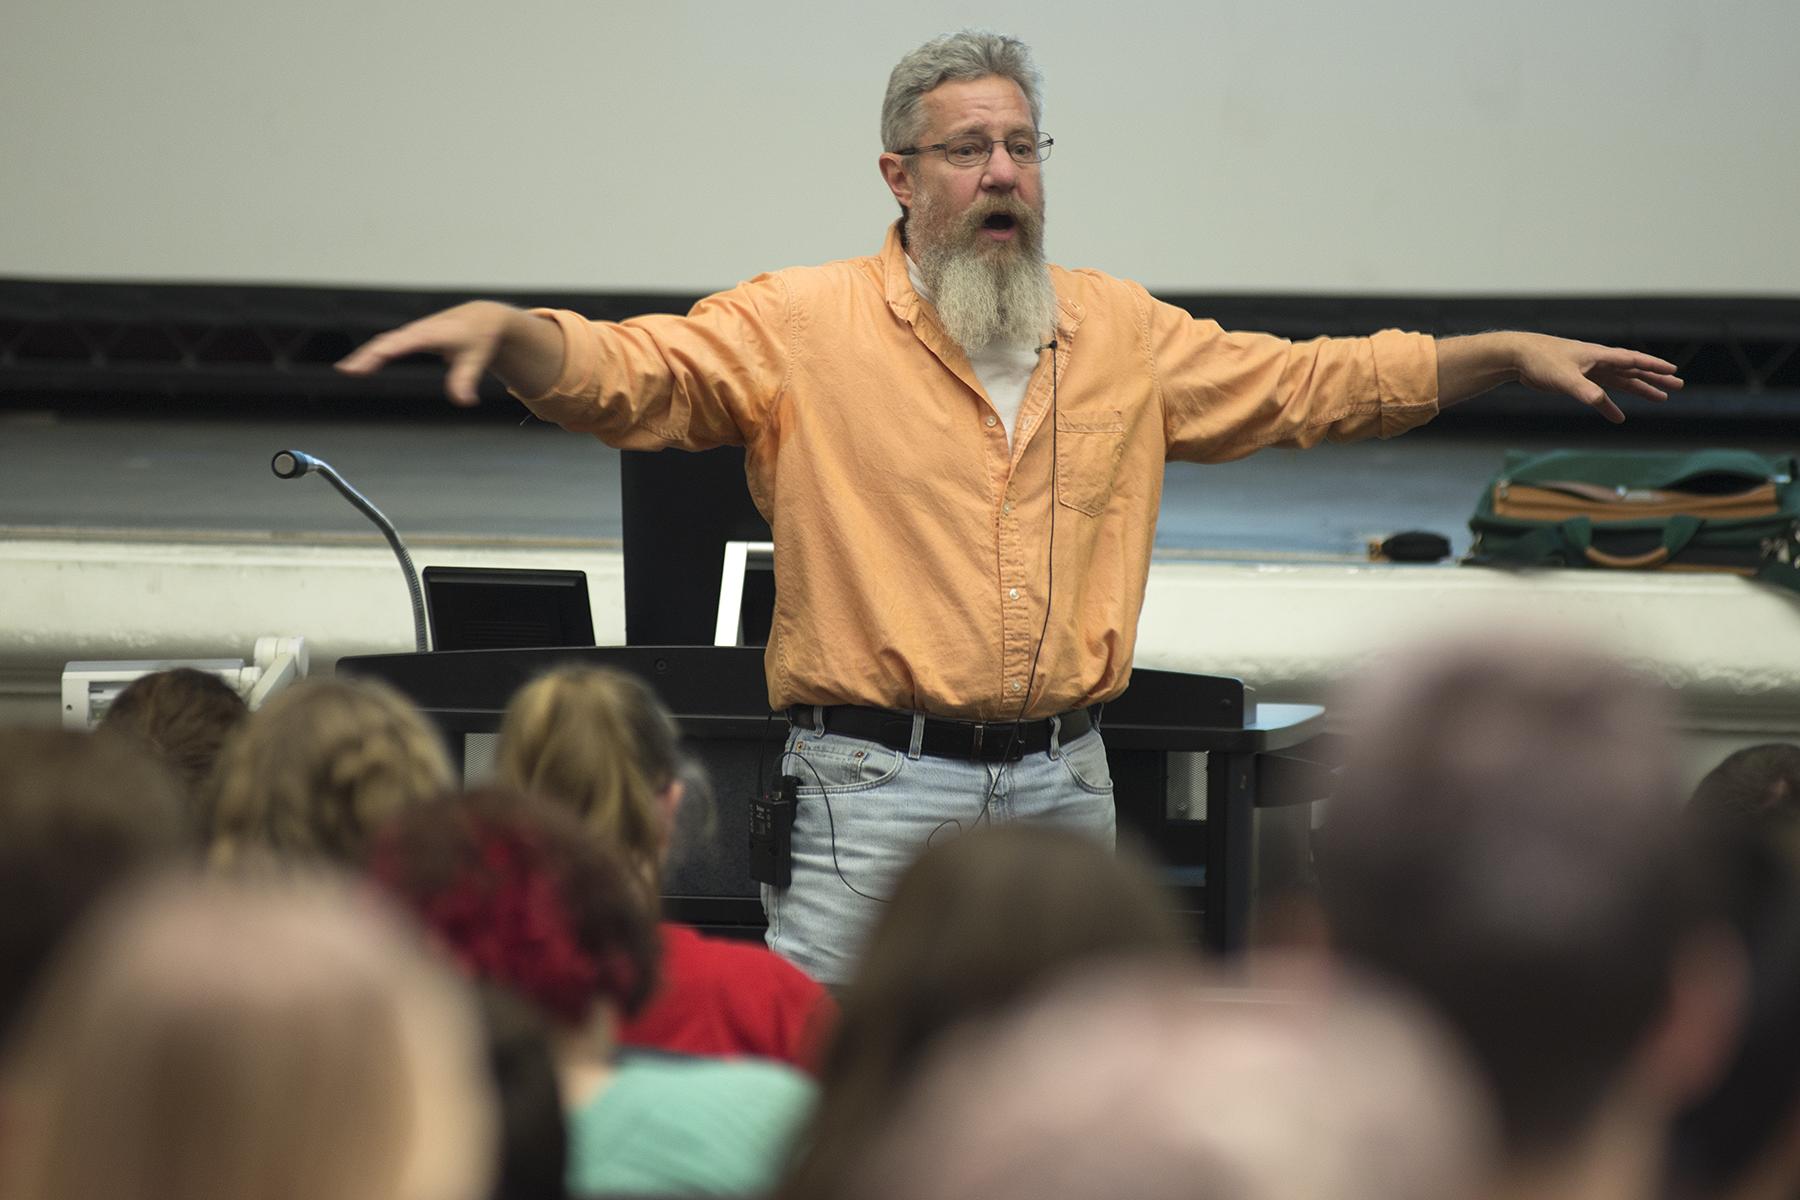 Bill Shields teaches